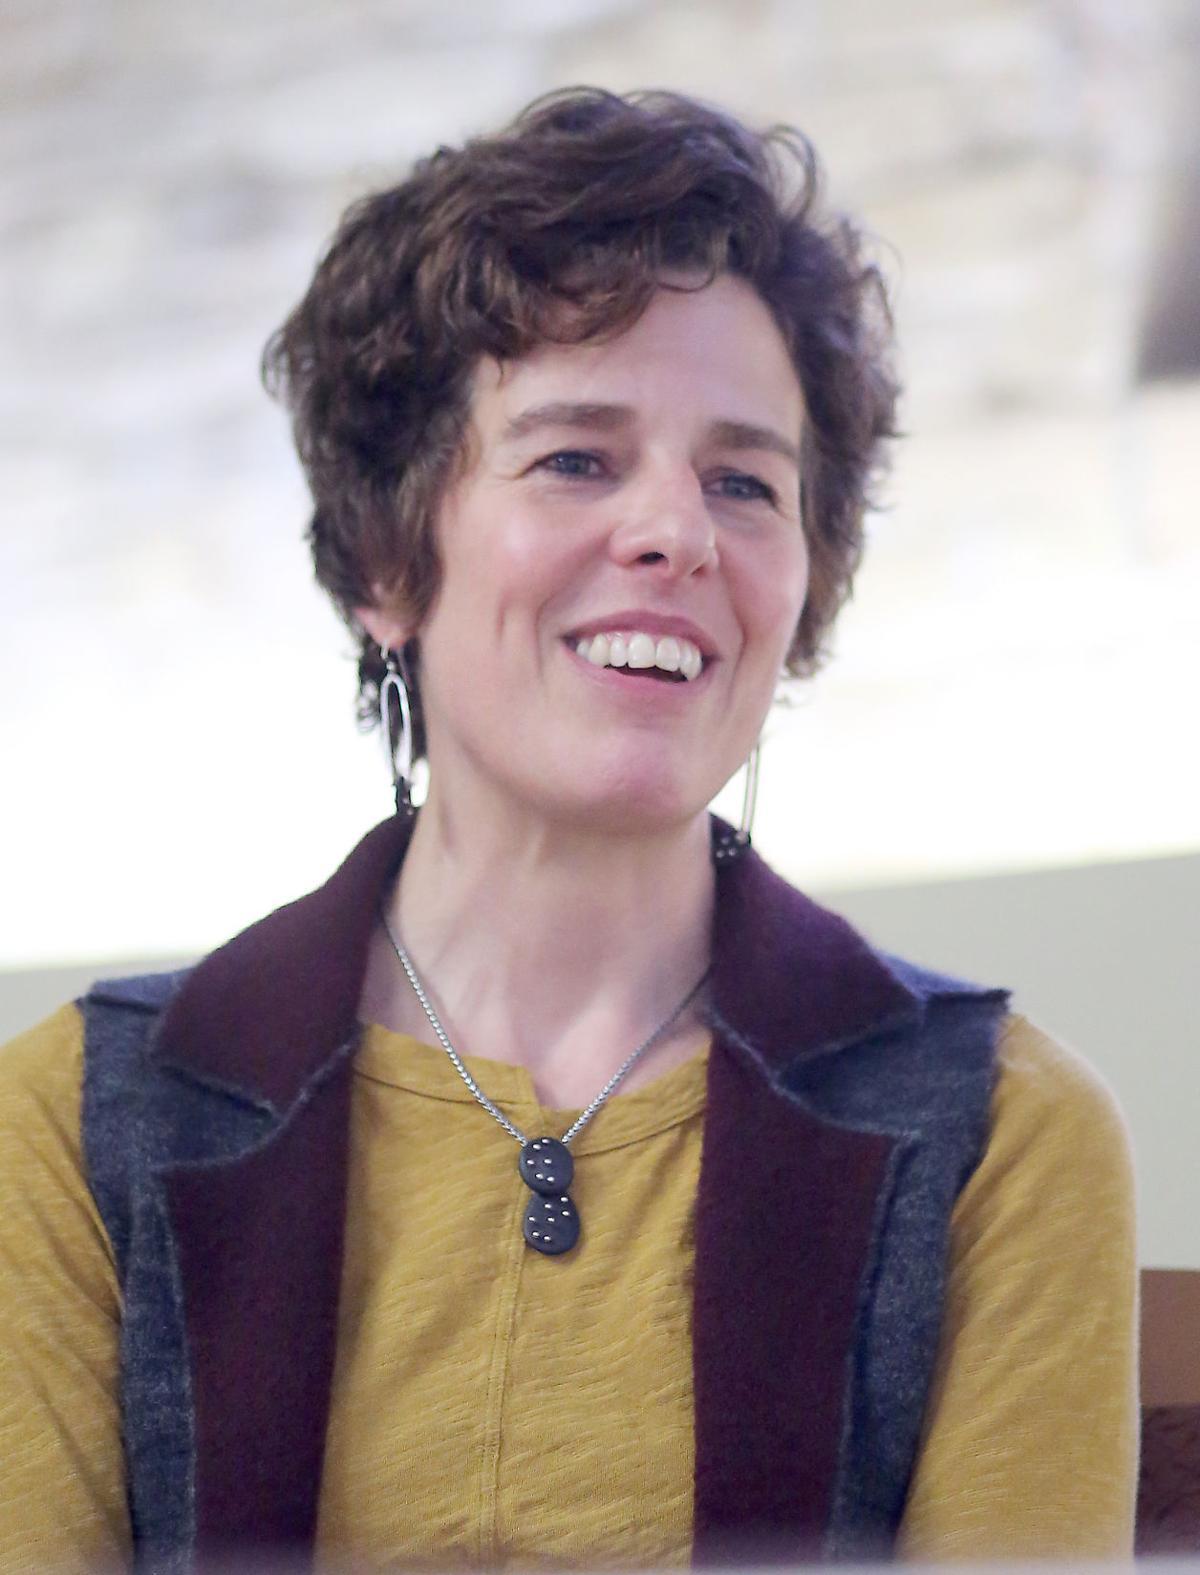 UW professor Kathy Cramer